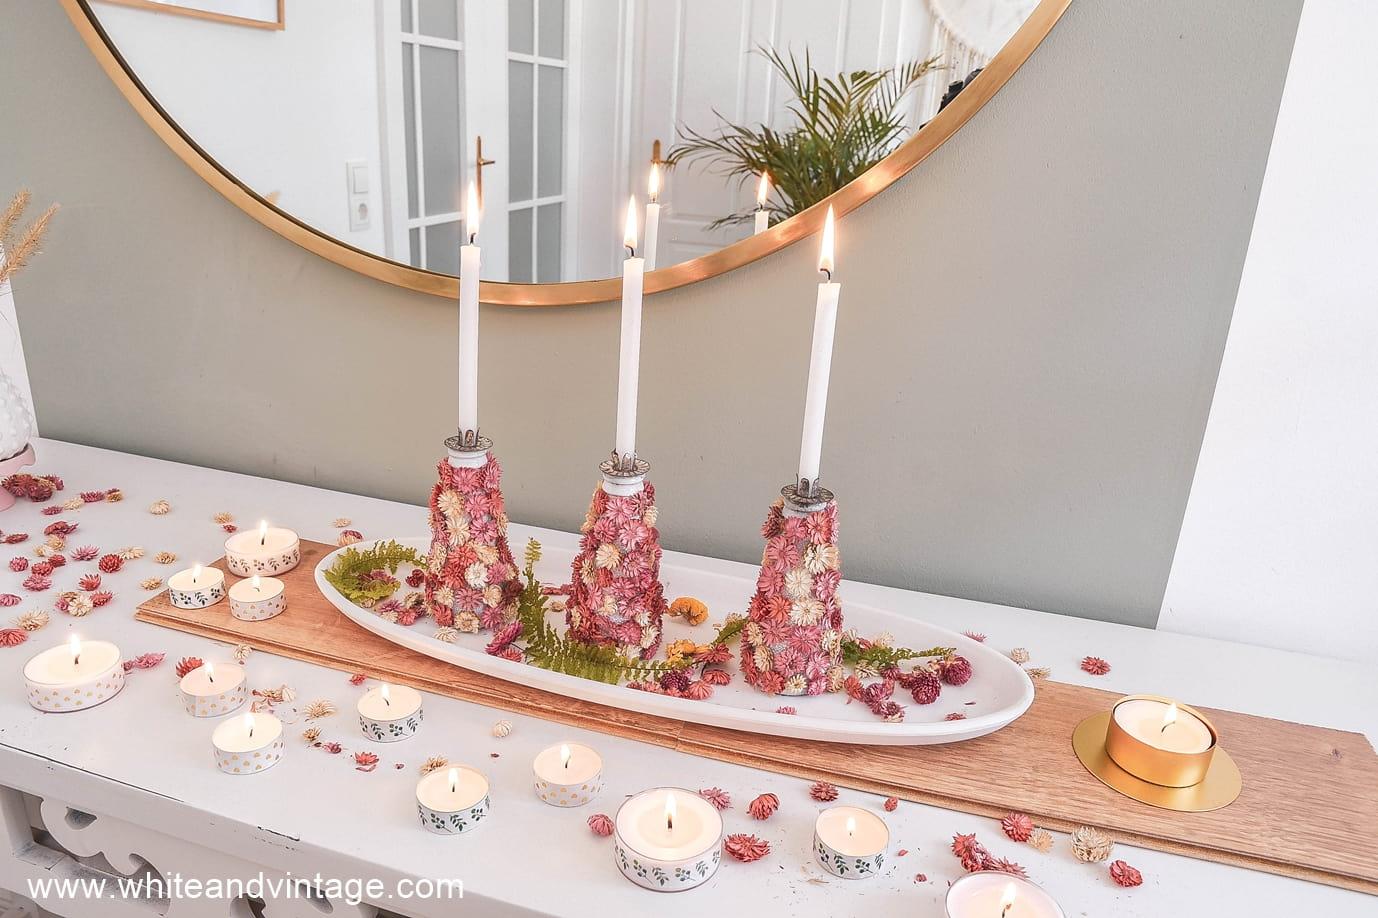 Sommerliche Dekoidee mit selbstgebastelten Kerzenhaltern.